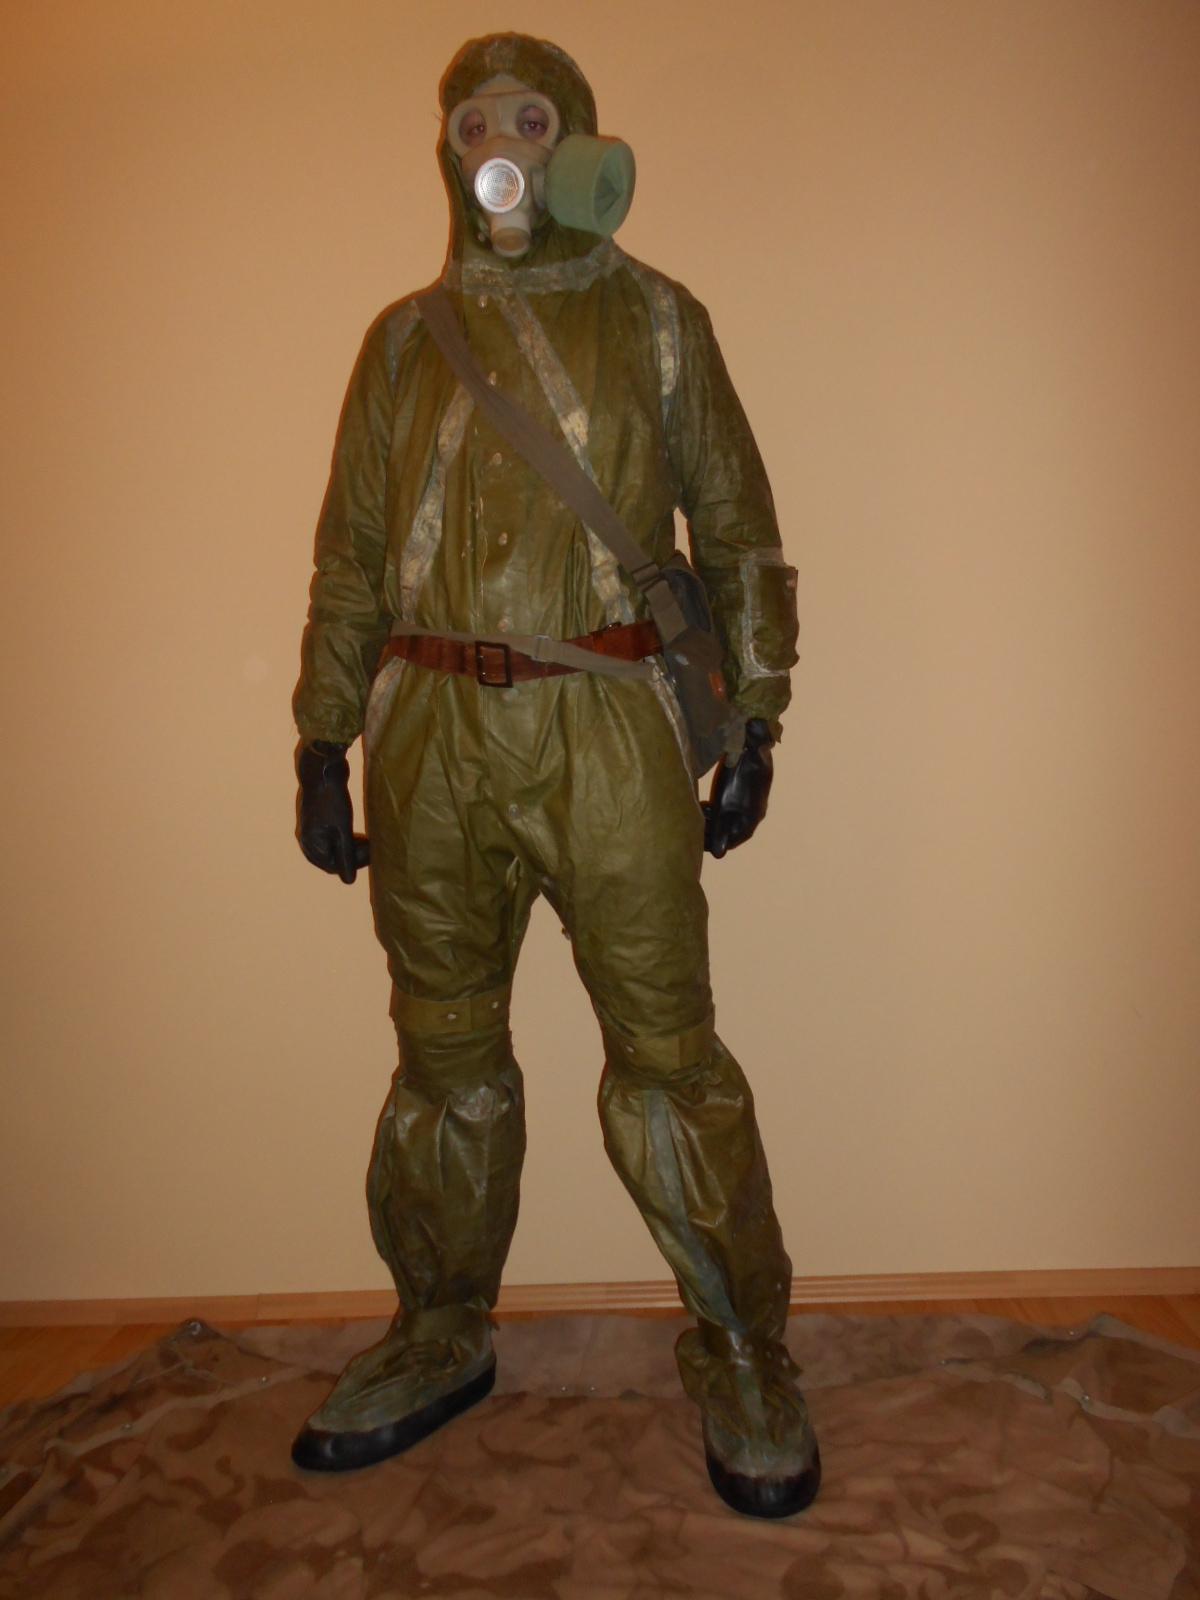 ef5f6822c567 70M csapatgázálarc és 75M összfegyvernemi védőkészlet - Combat Gear Blog